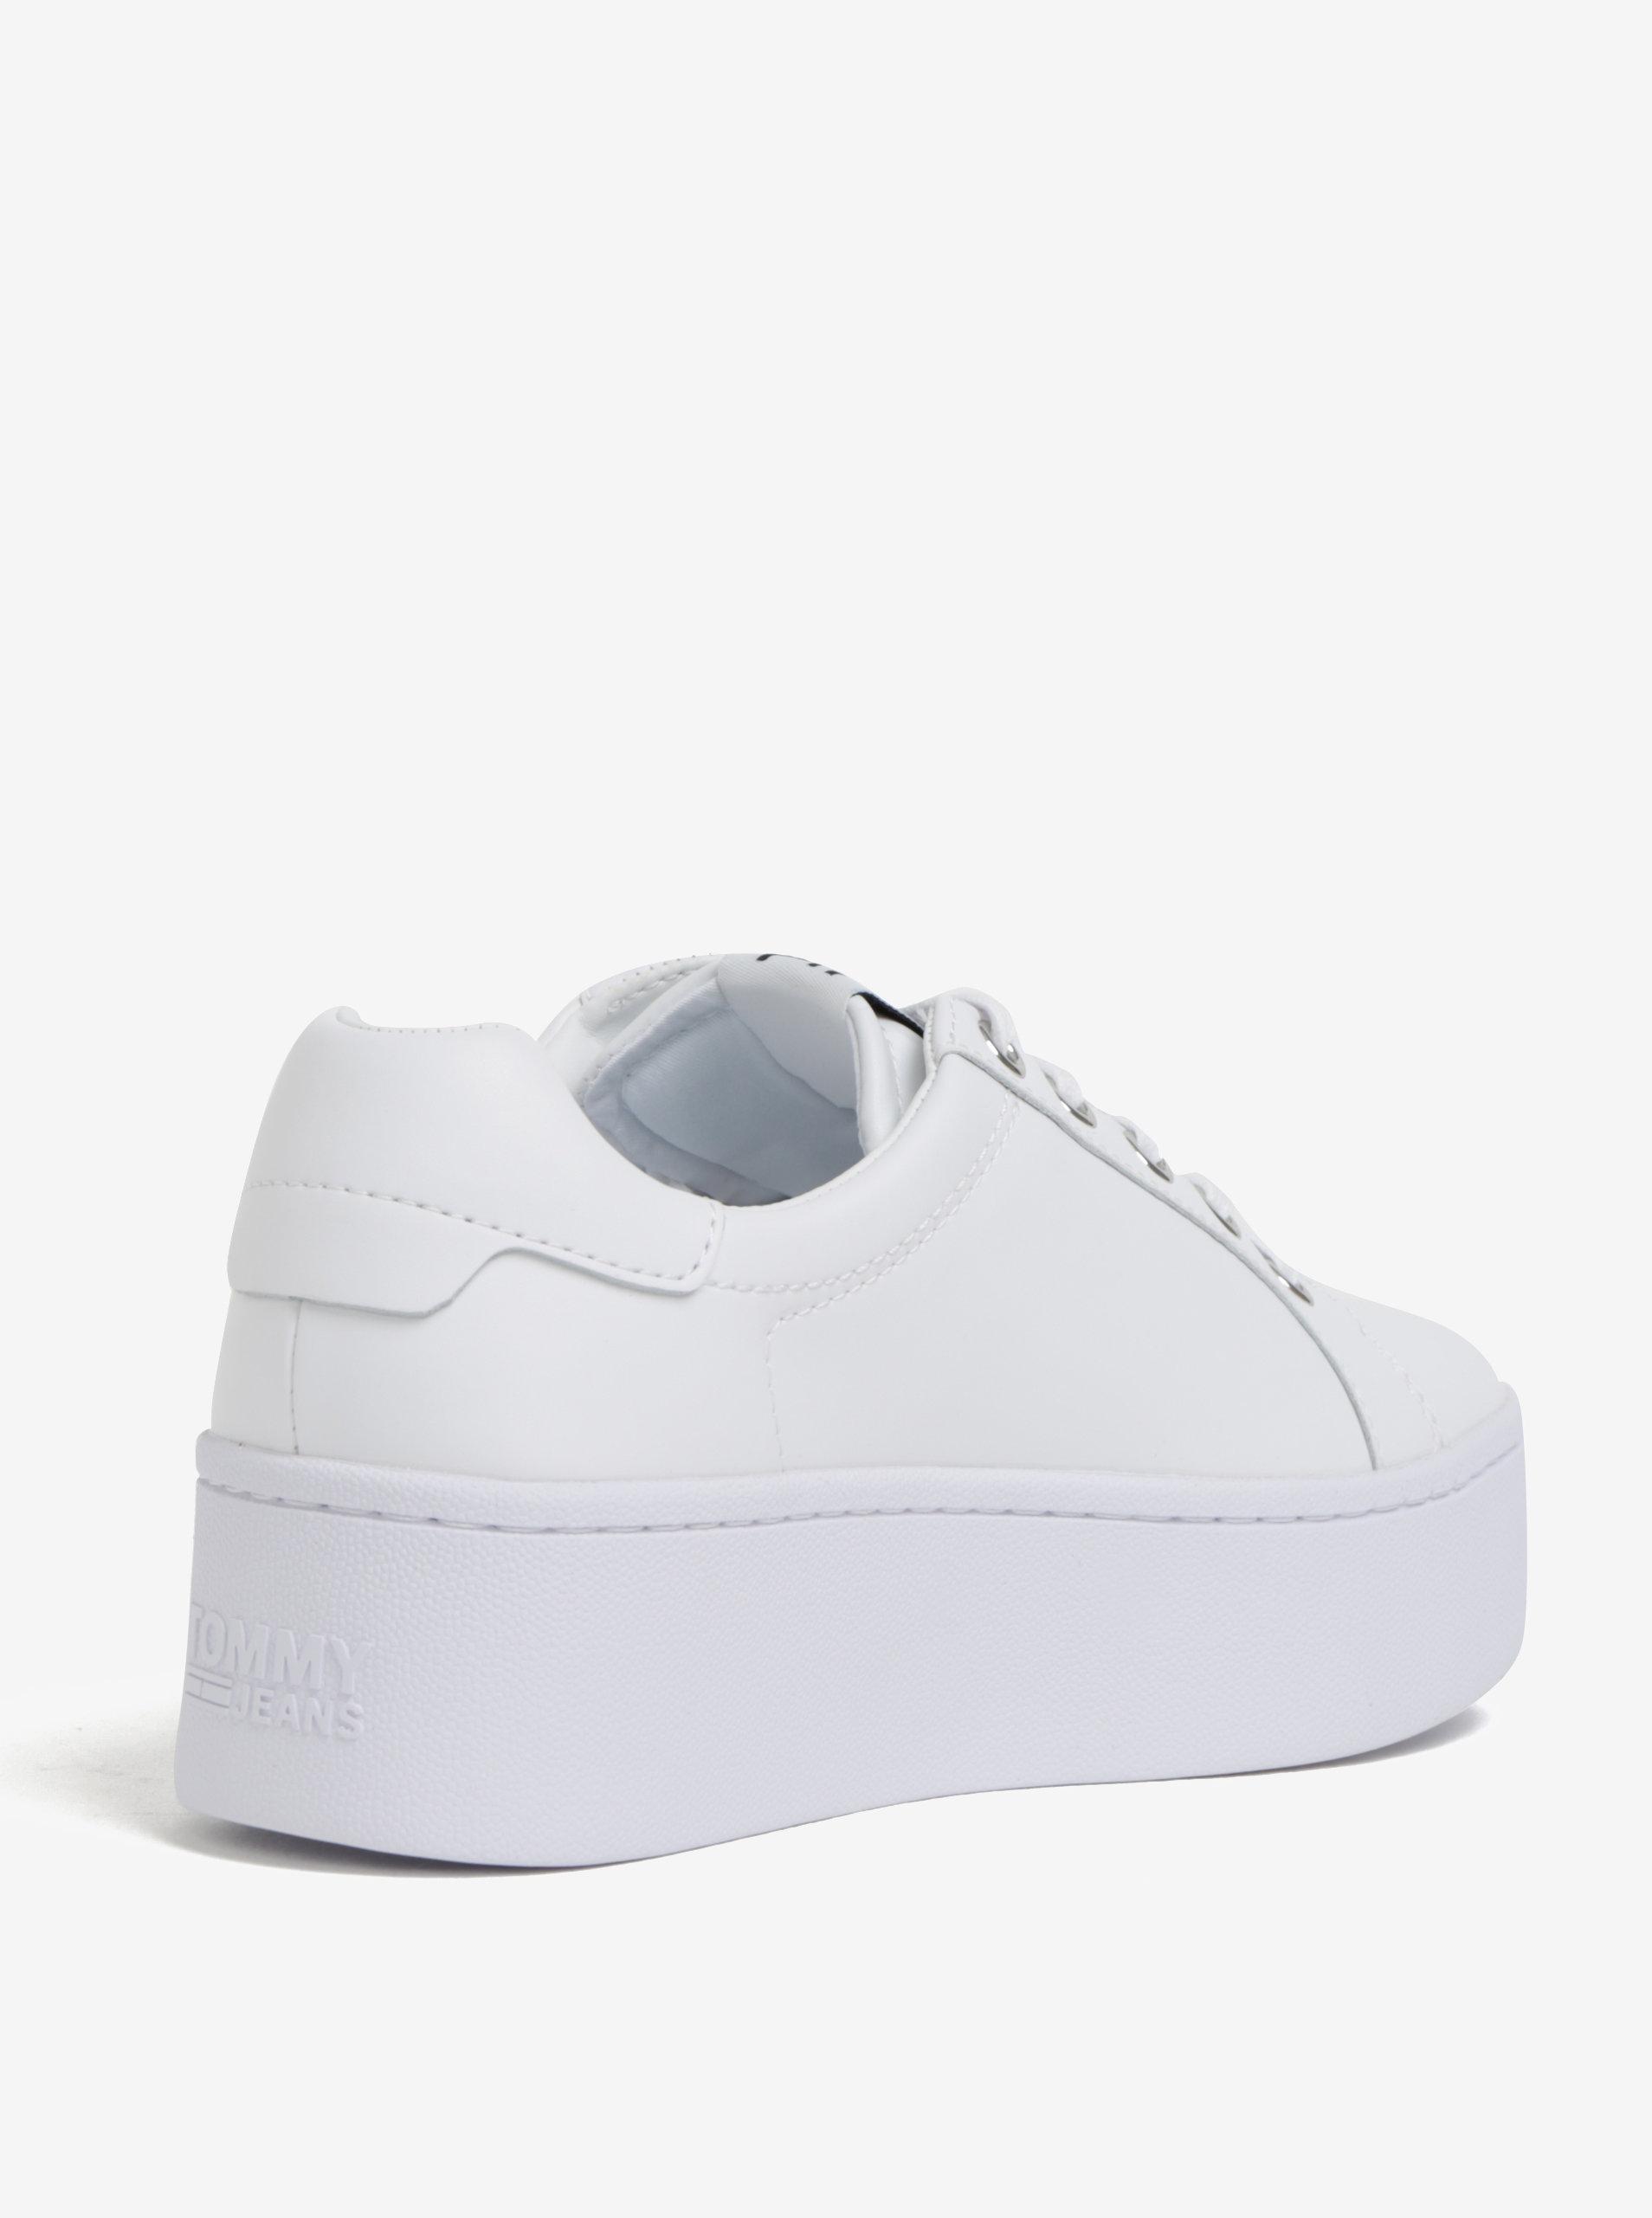 497776f439b4 Bílé dámské kožené tenisky na platformě Tommy Hilfiger ...